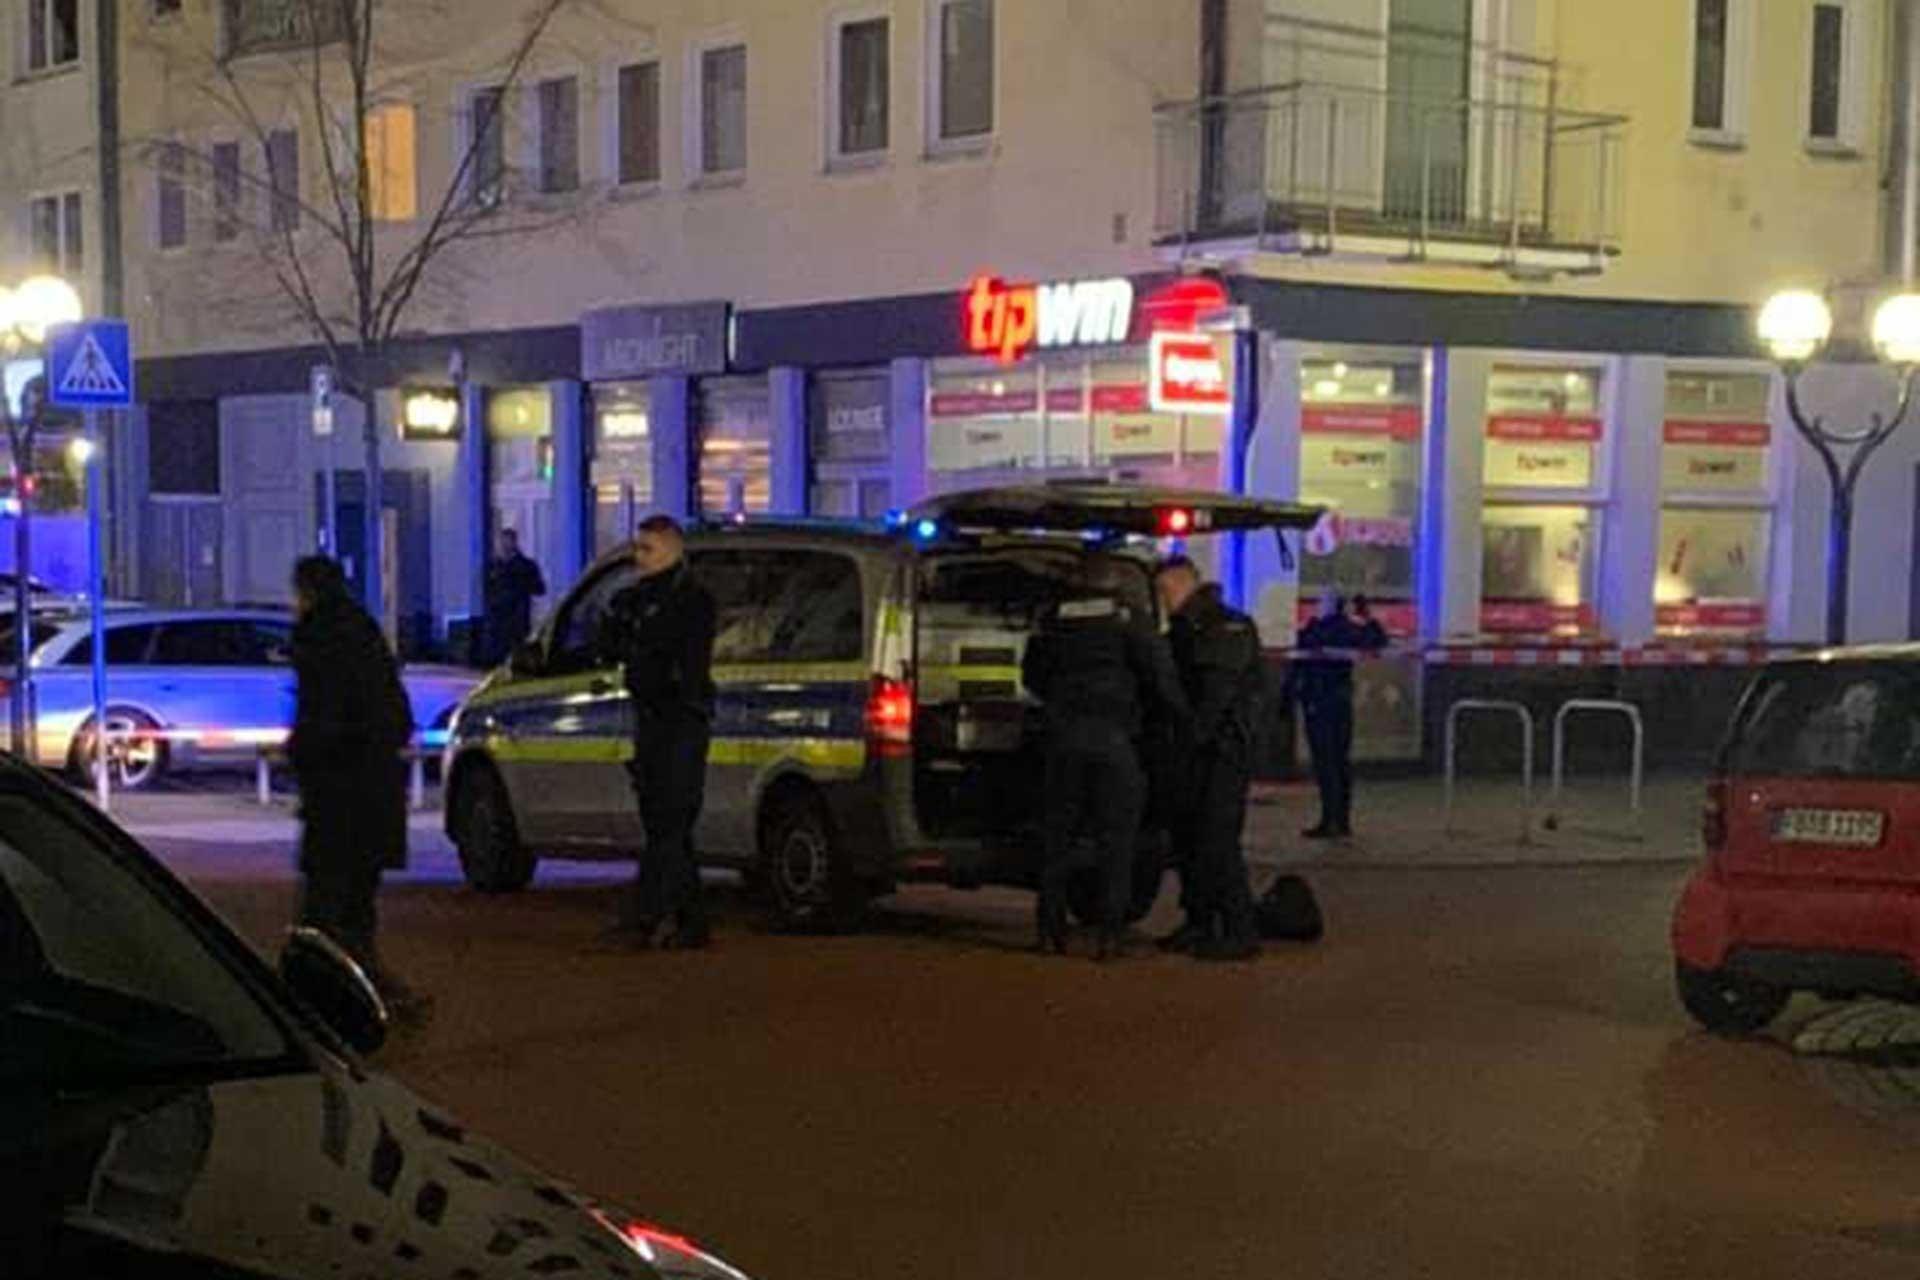 Almanya'da polis, silahlı saldırının gerçekleştiği nargile kafe önünde inceleme yaptı.